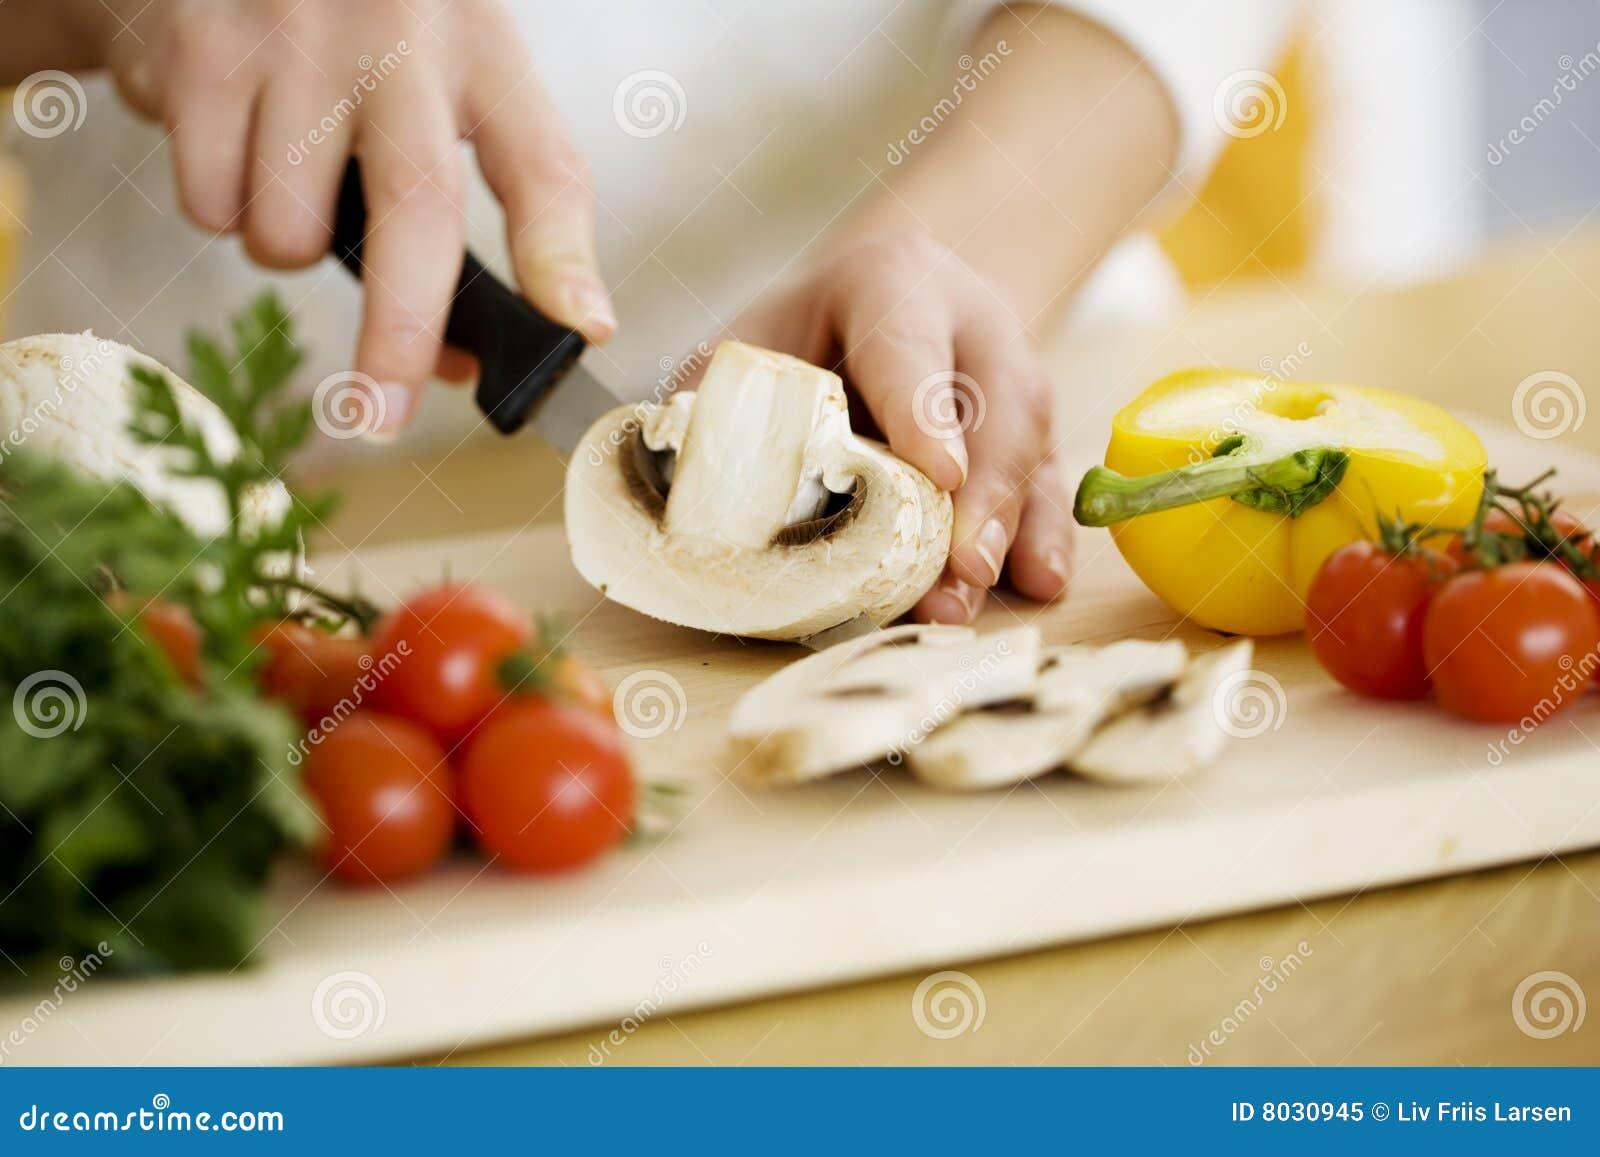 Förbereda sig för mat